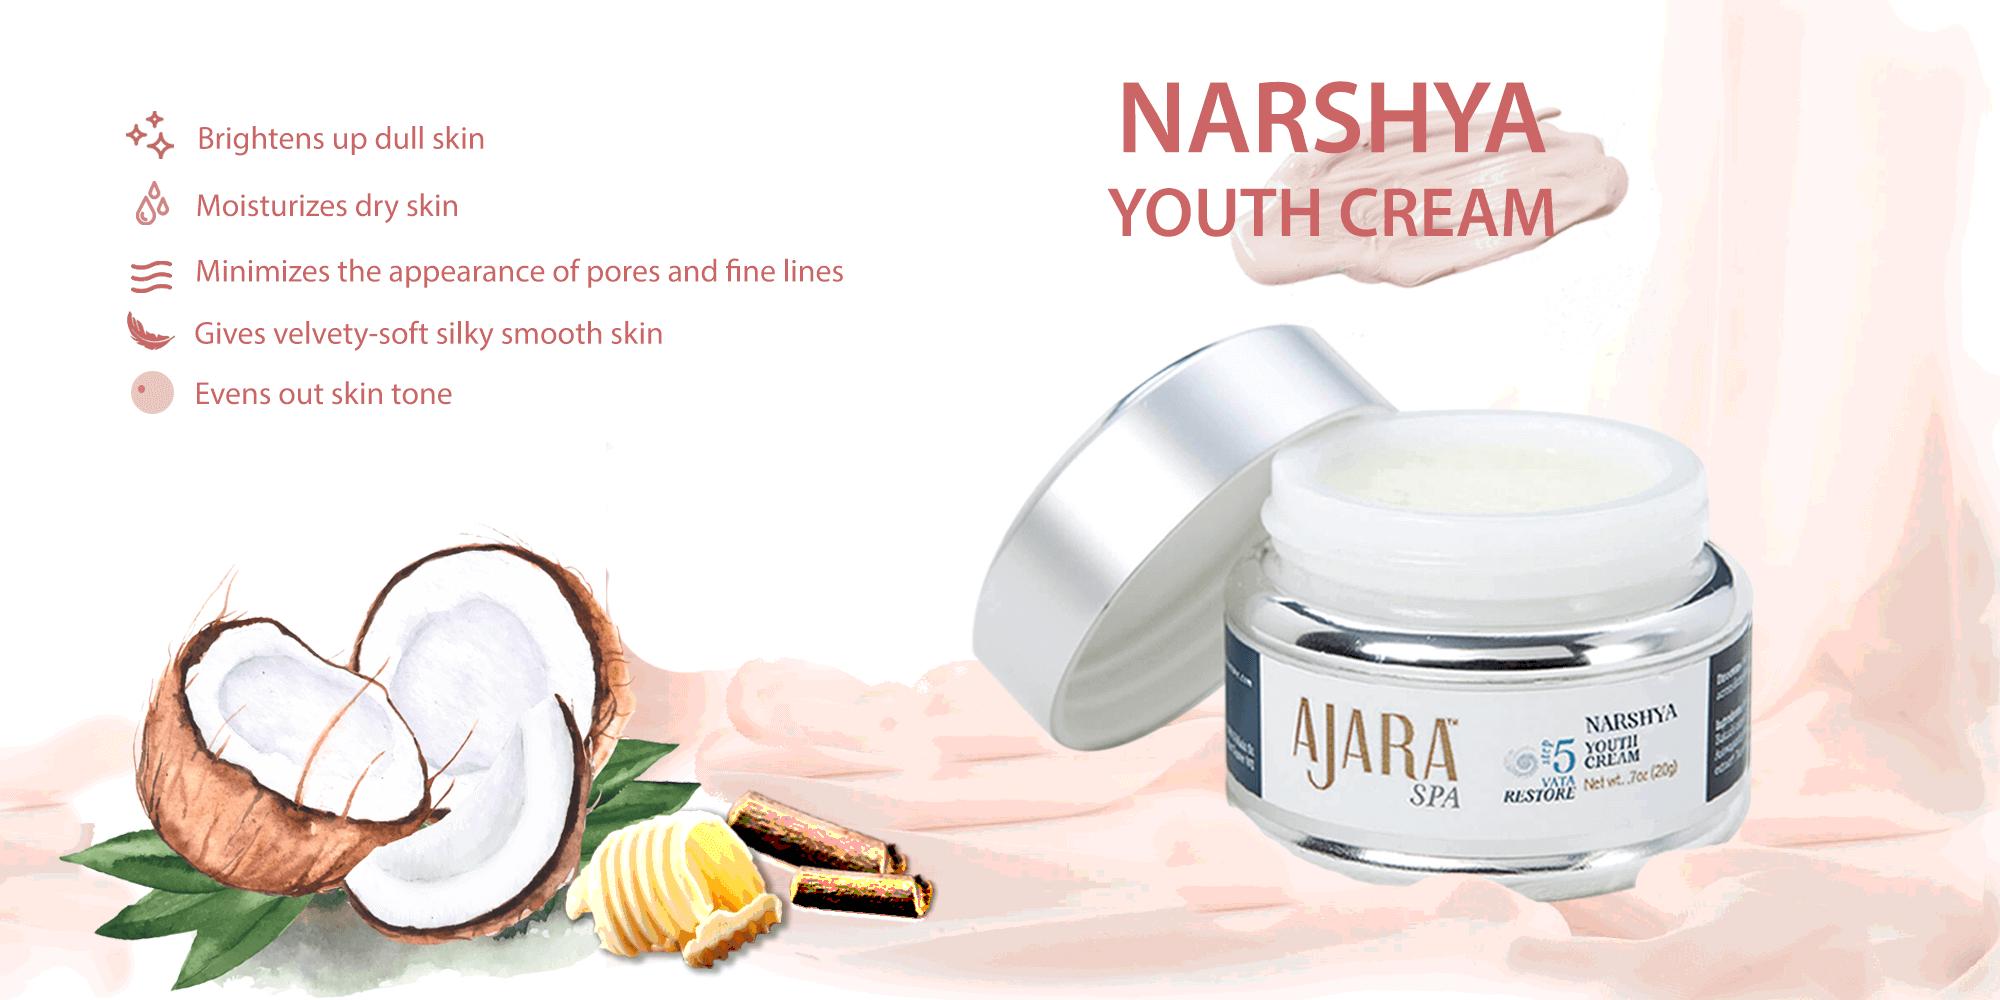 Narshya Youth Cream